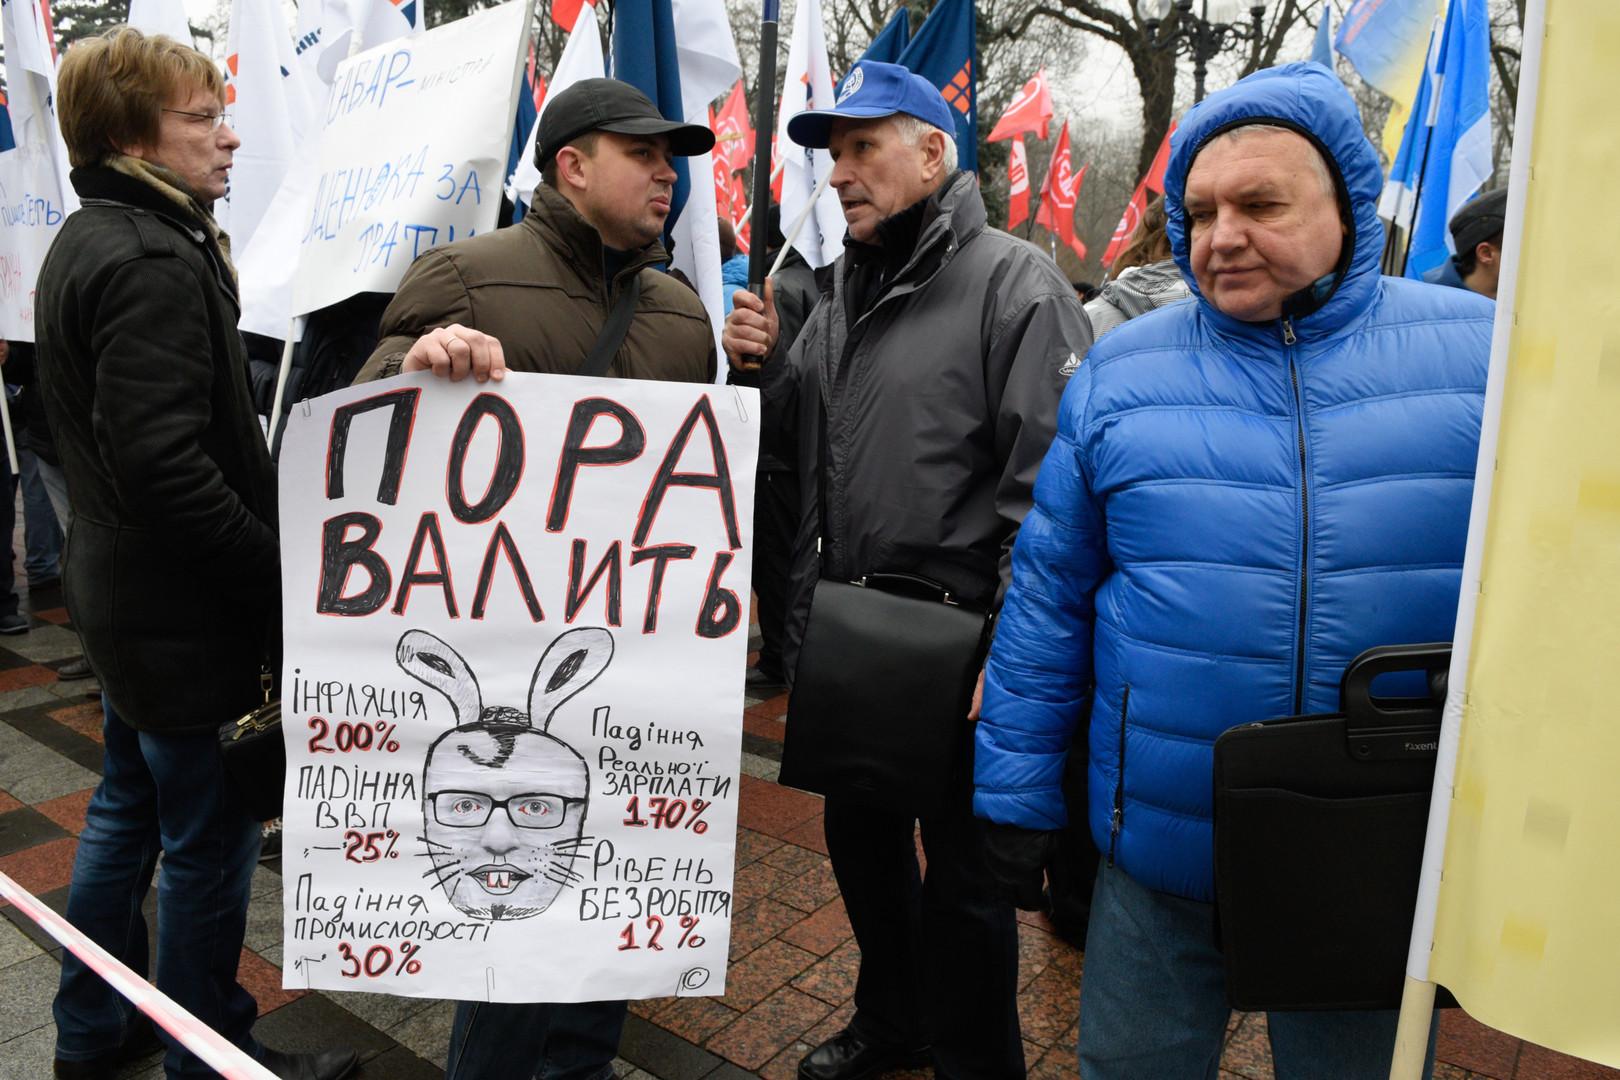 Ukrainische Demokratie in der Rada - Wie sie lebt und schlägt (auf Jazenjuk)